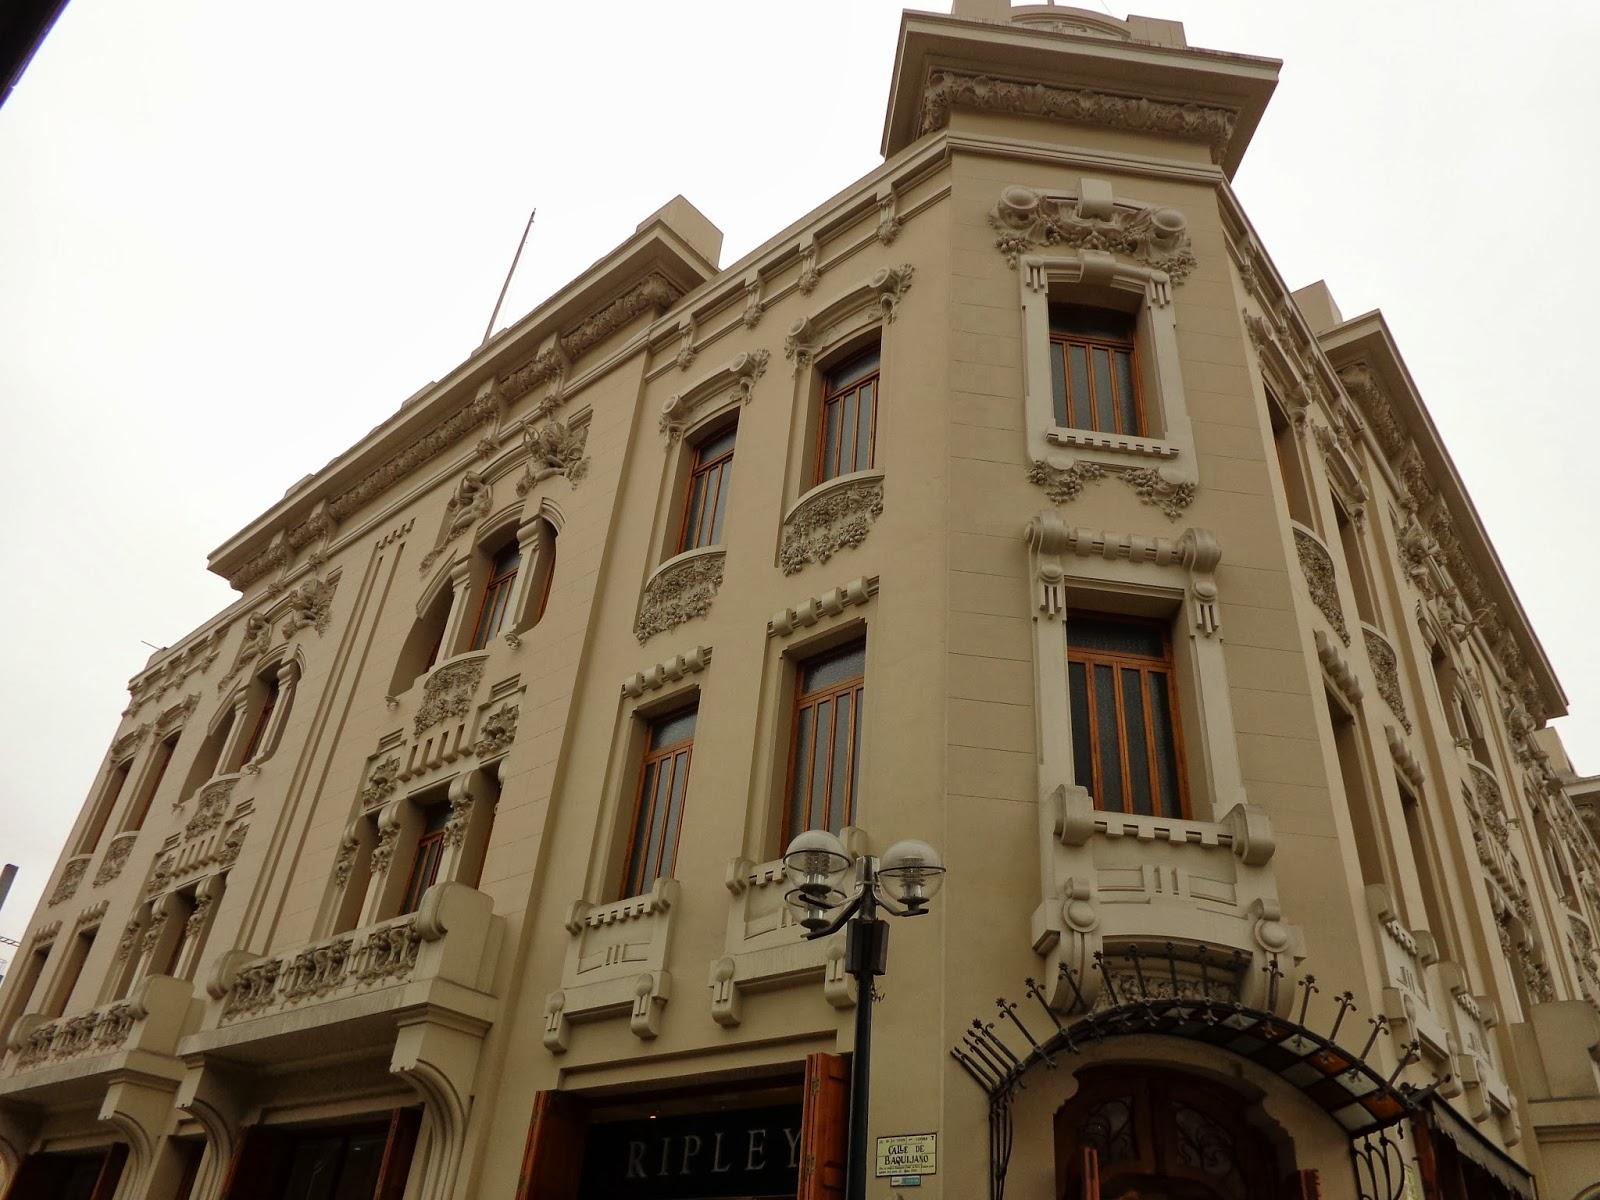 2º DIA - CENTRO HISTÓRICO DE LIMA / CATEDRAL - Lima, Peru